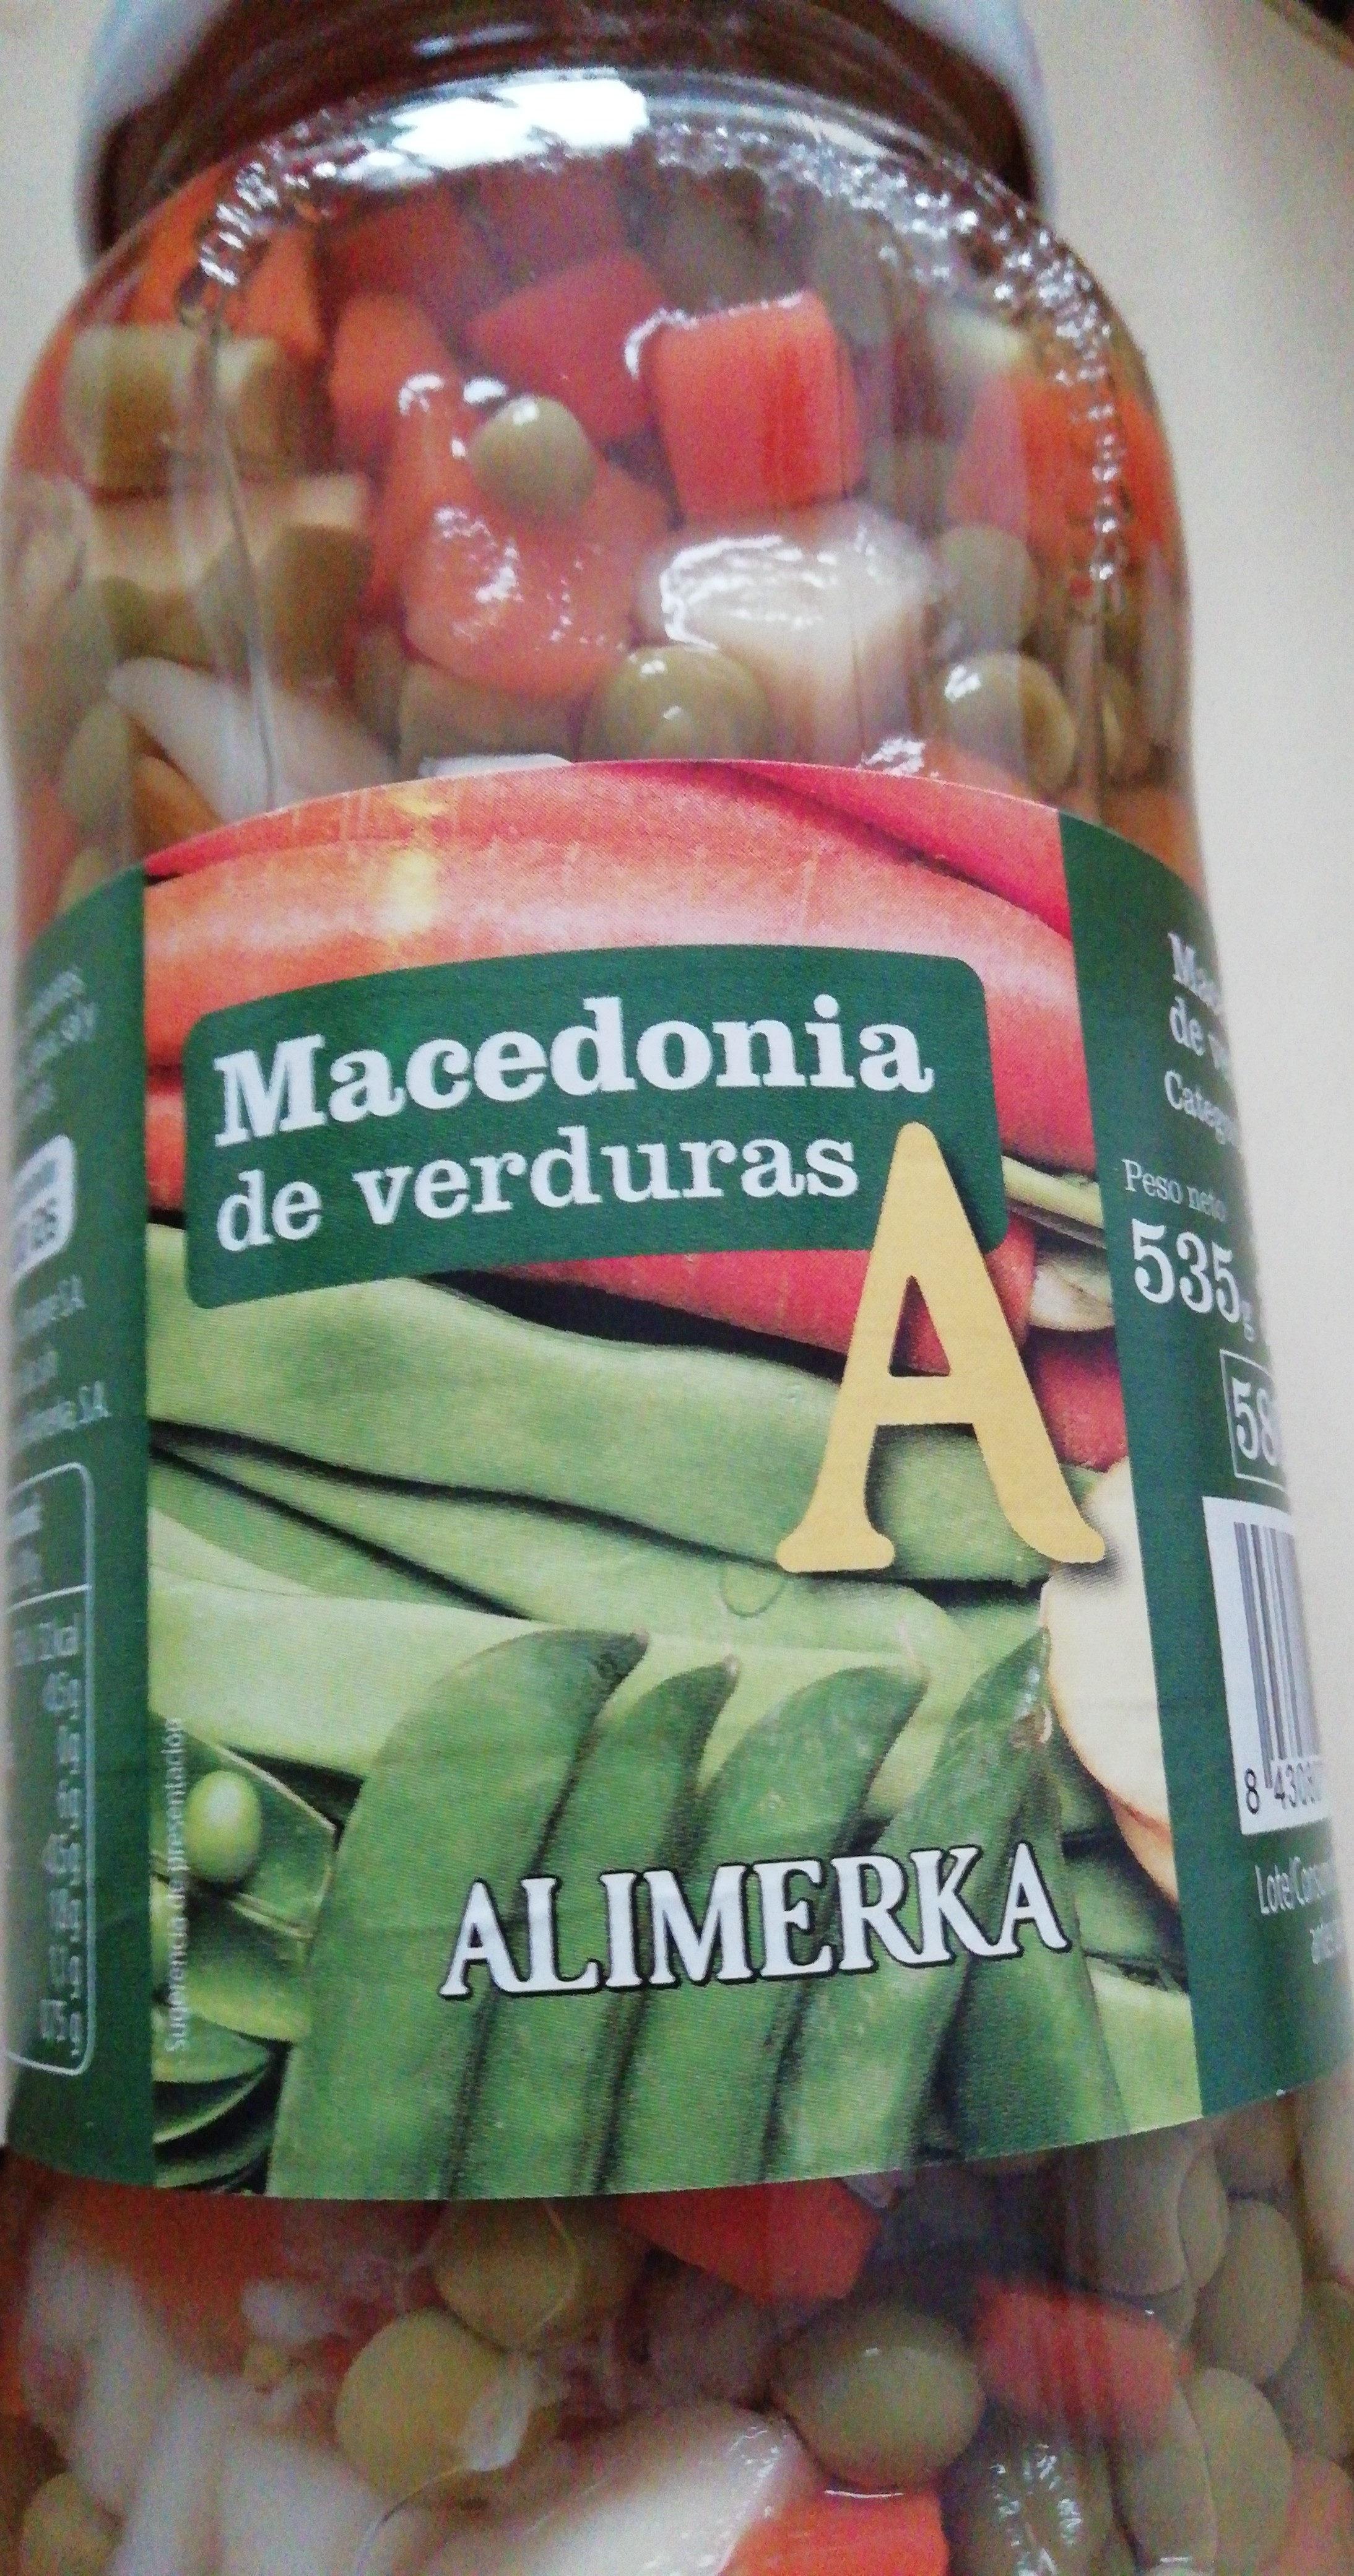 Macedonia de verduras - Producto - es